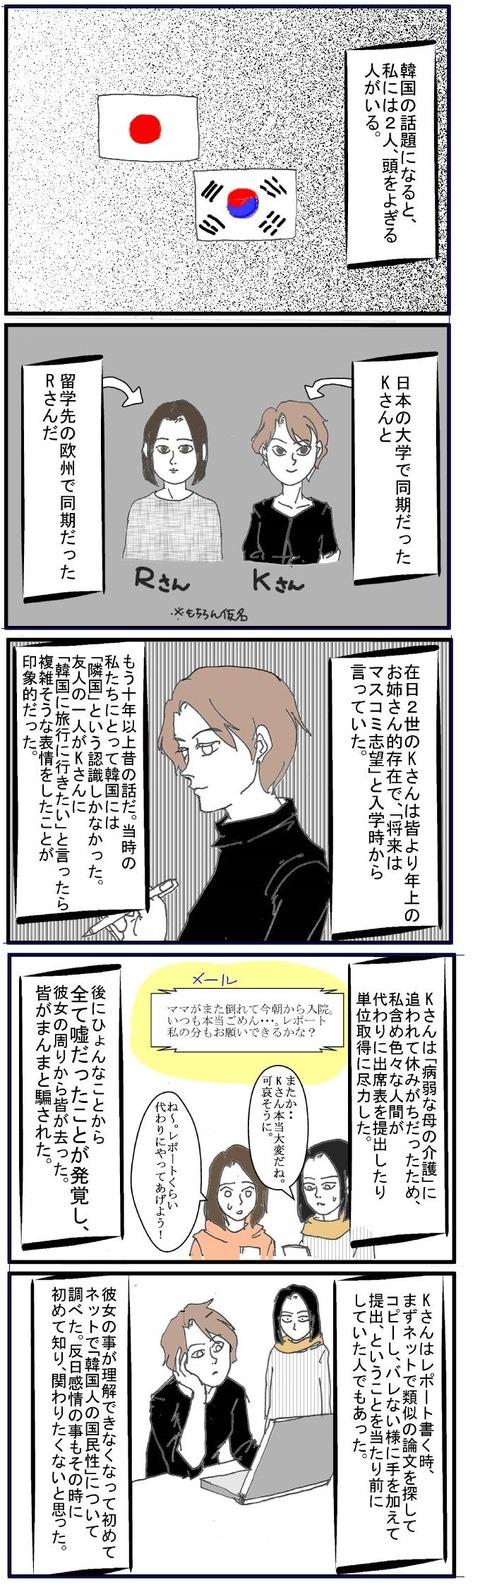 ブログ1120001